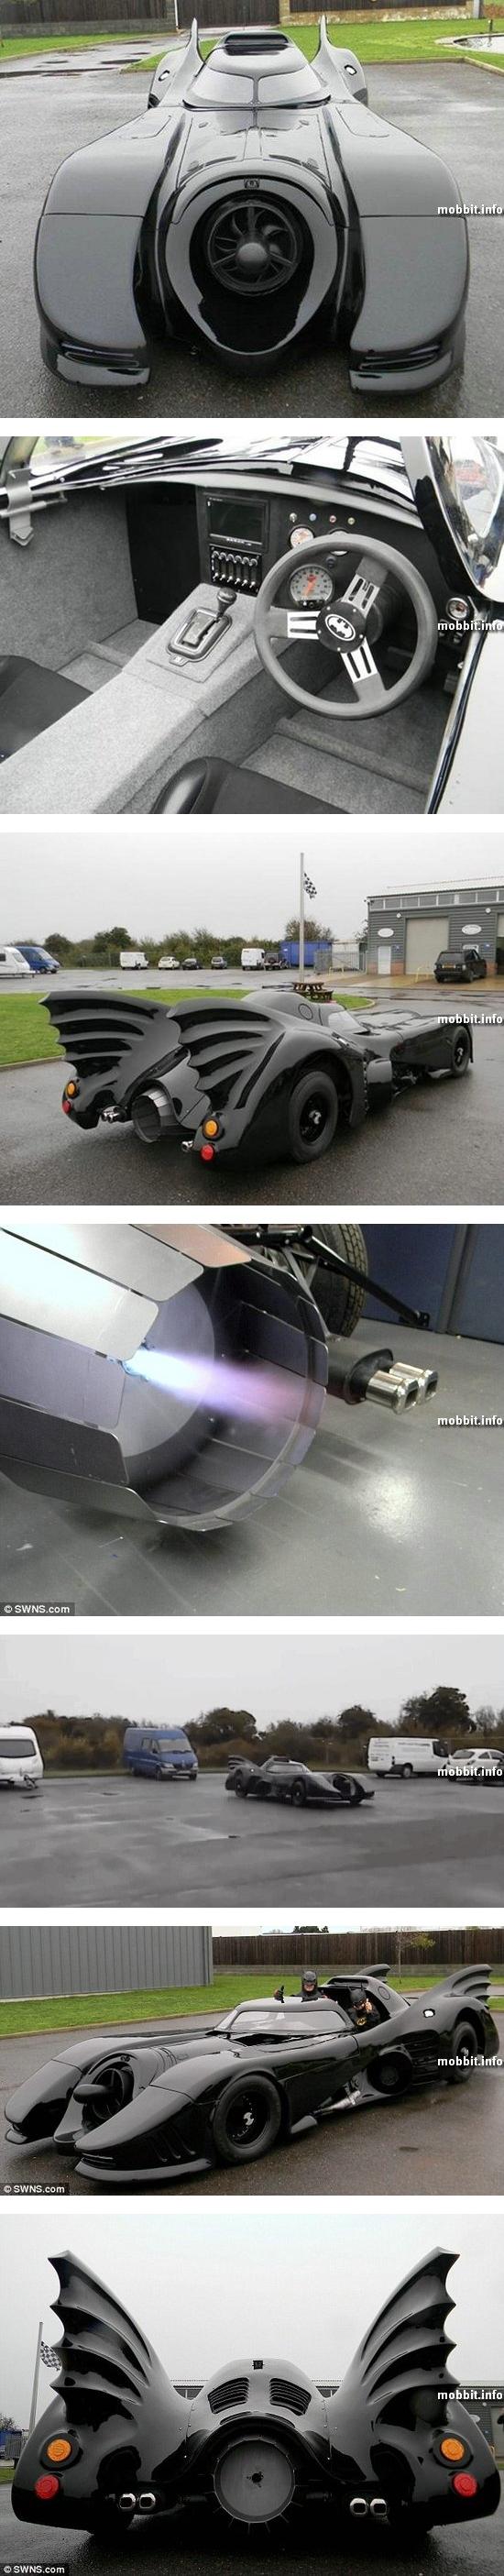 Полностью функциональный Бэтмобиль с огнеметом